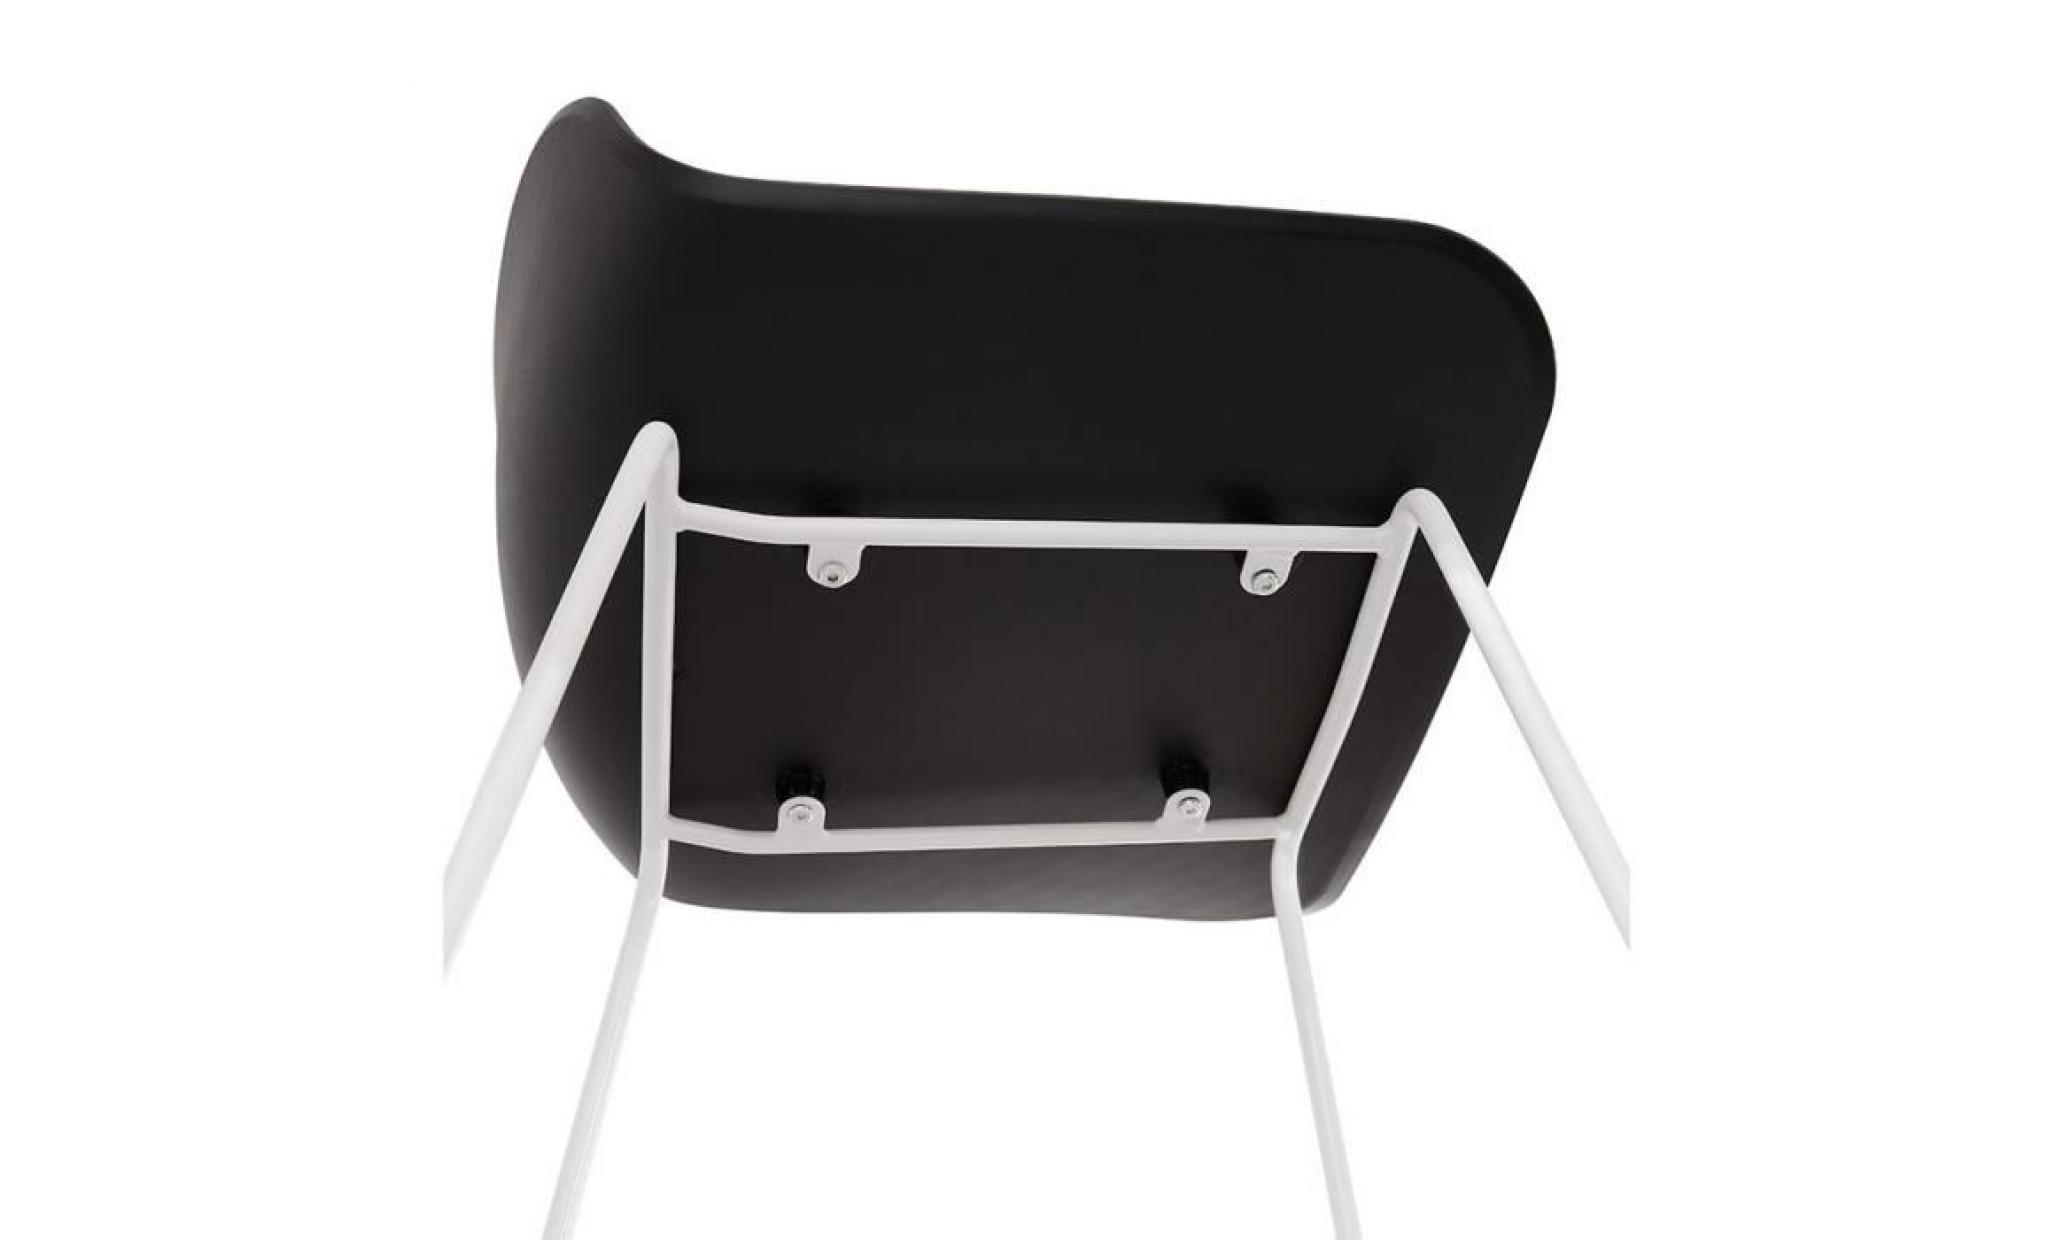 tabouret de bar design 'slade' noir avec pieds en mÉtal blanc dimensions 3d : 50,5x53x95 cm. tabouret de bar design avec assise